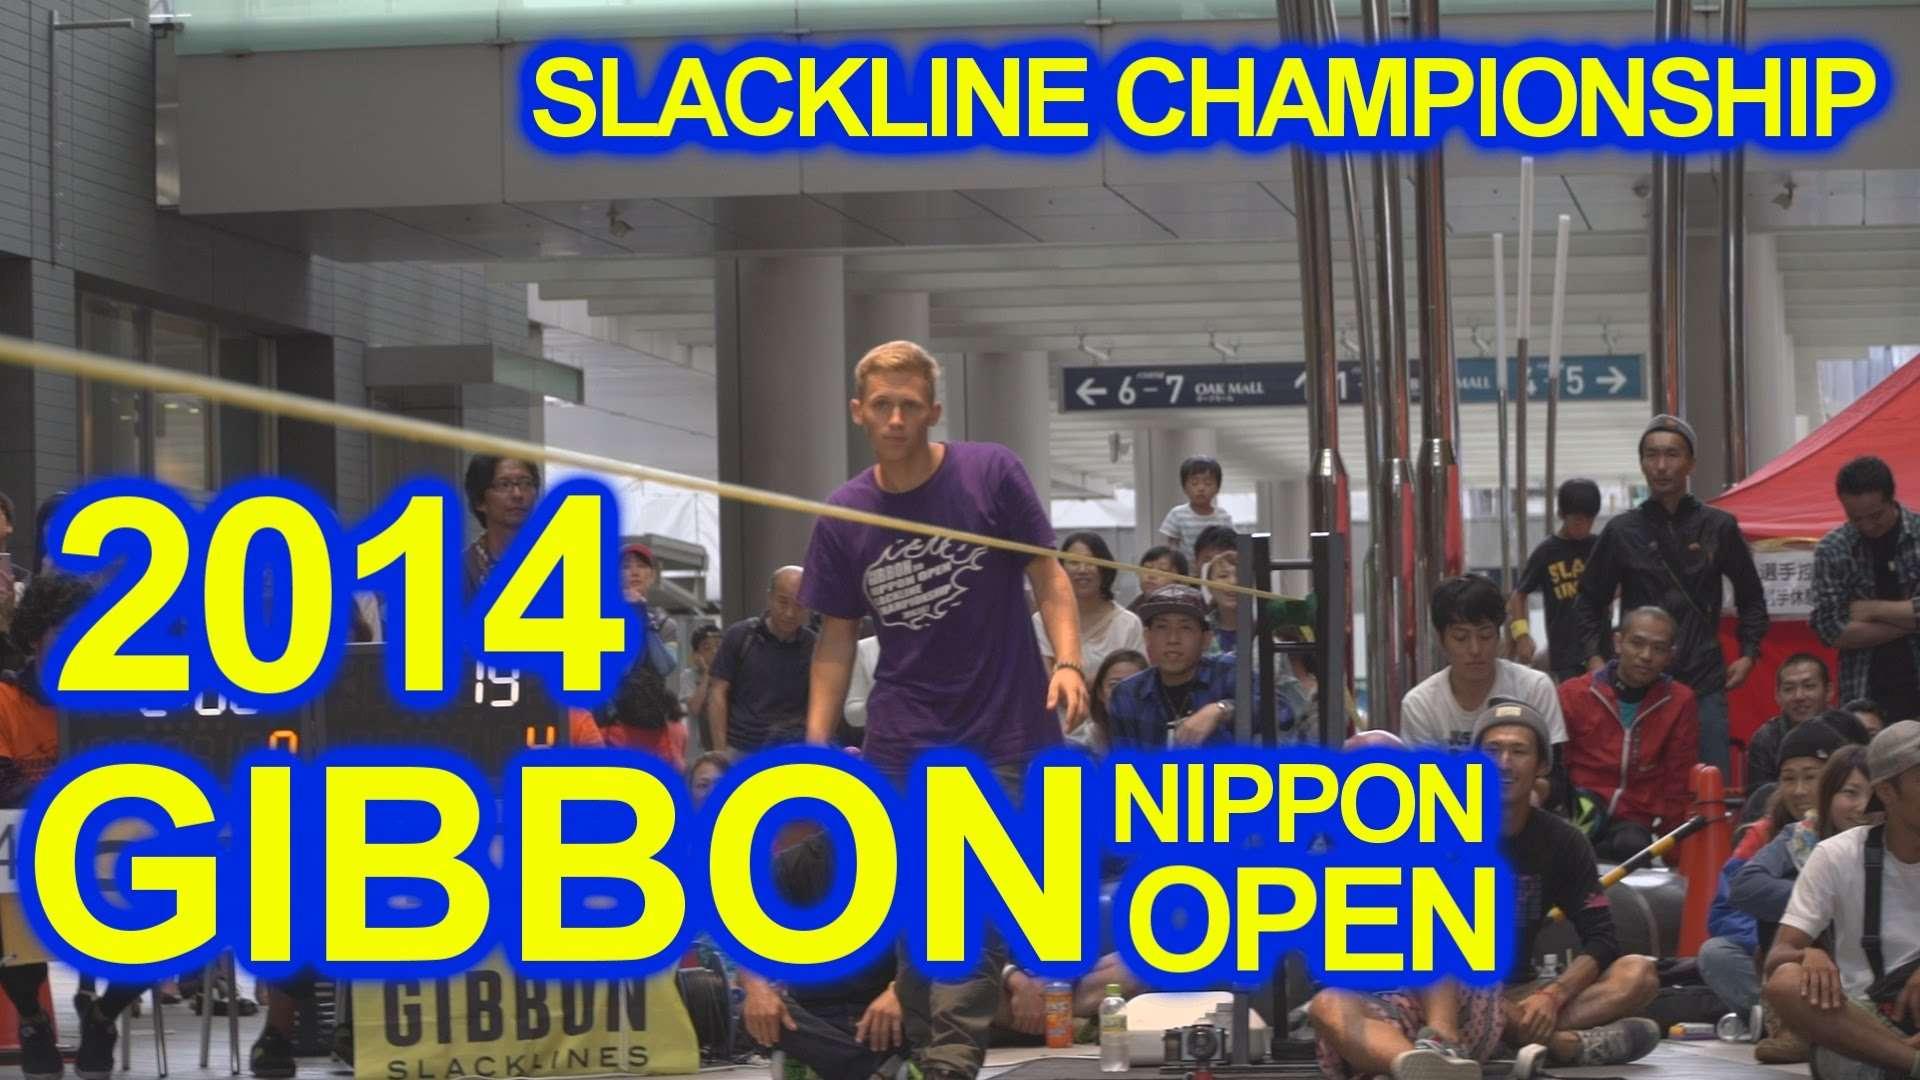 先日のスラックラインオープンの決勝が凄いことになってた